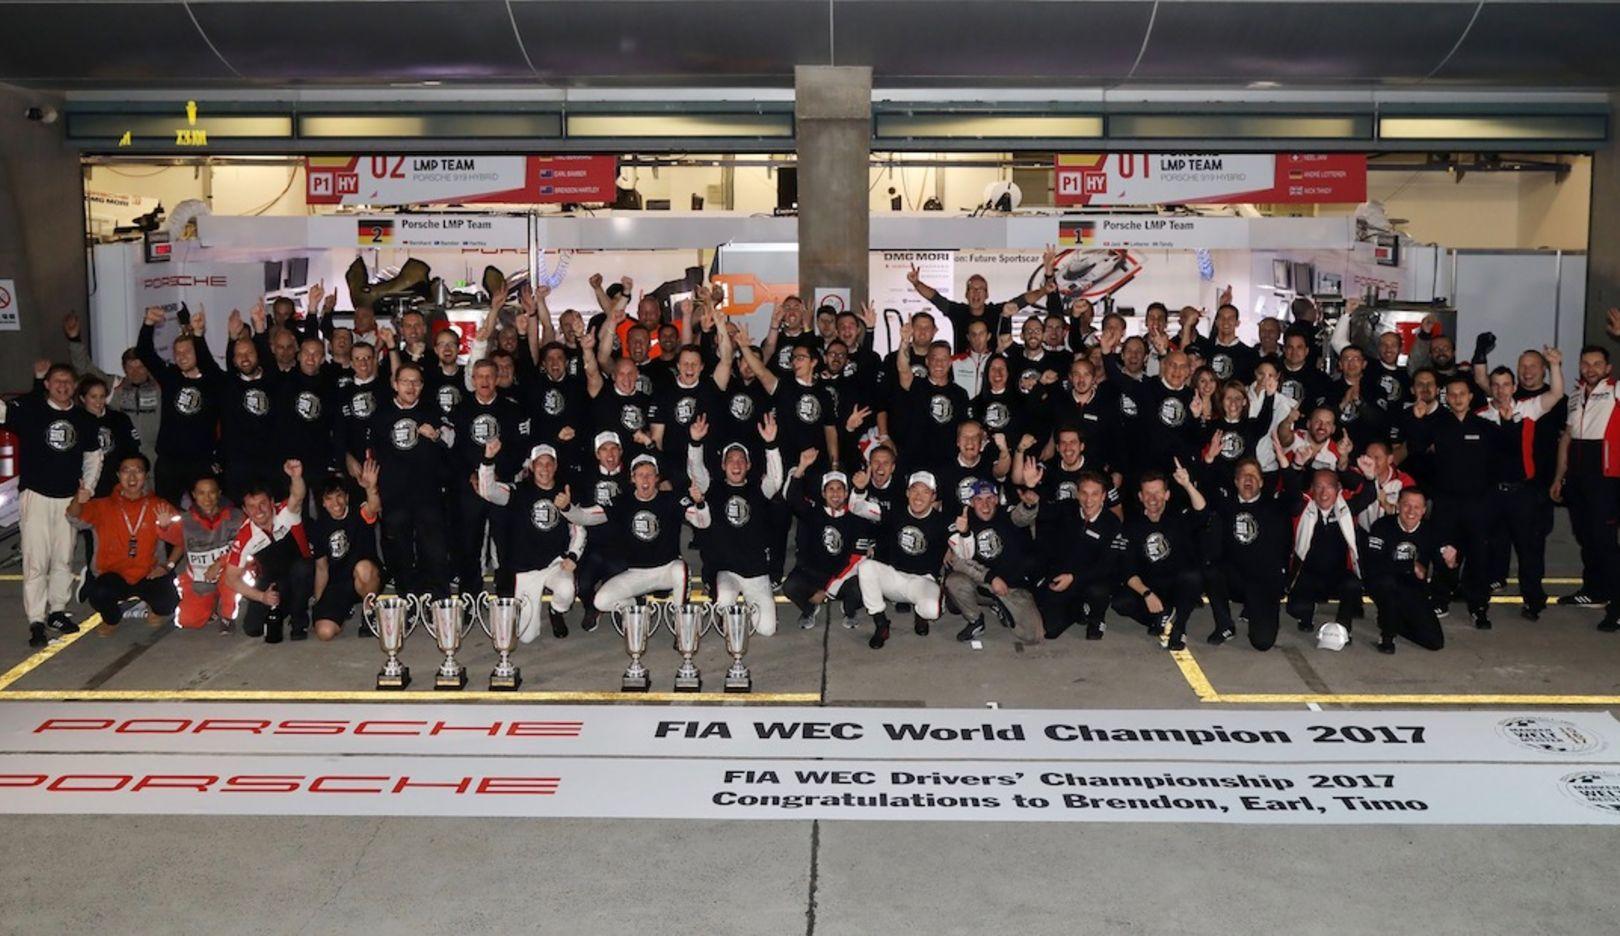 Porsche LMP1 Team, WEC, Shanghai, Rennen, 2017, Porsche AG